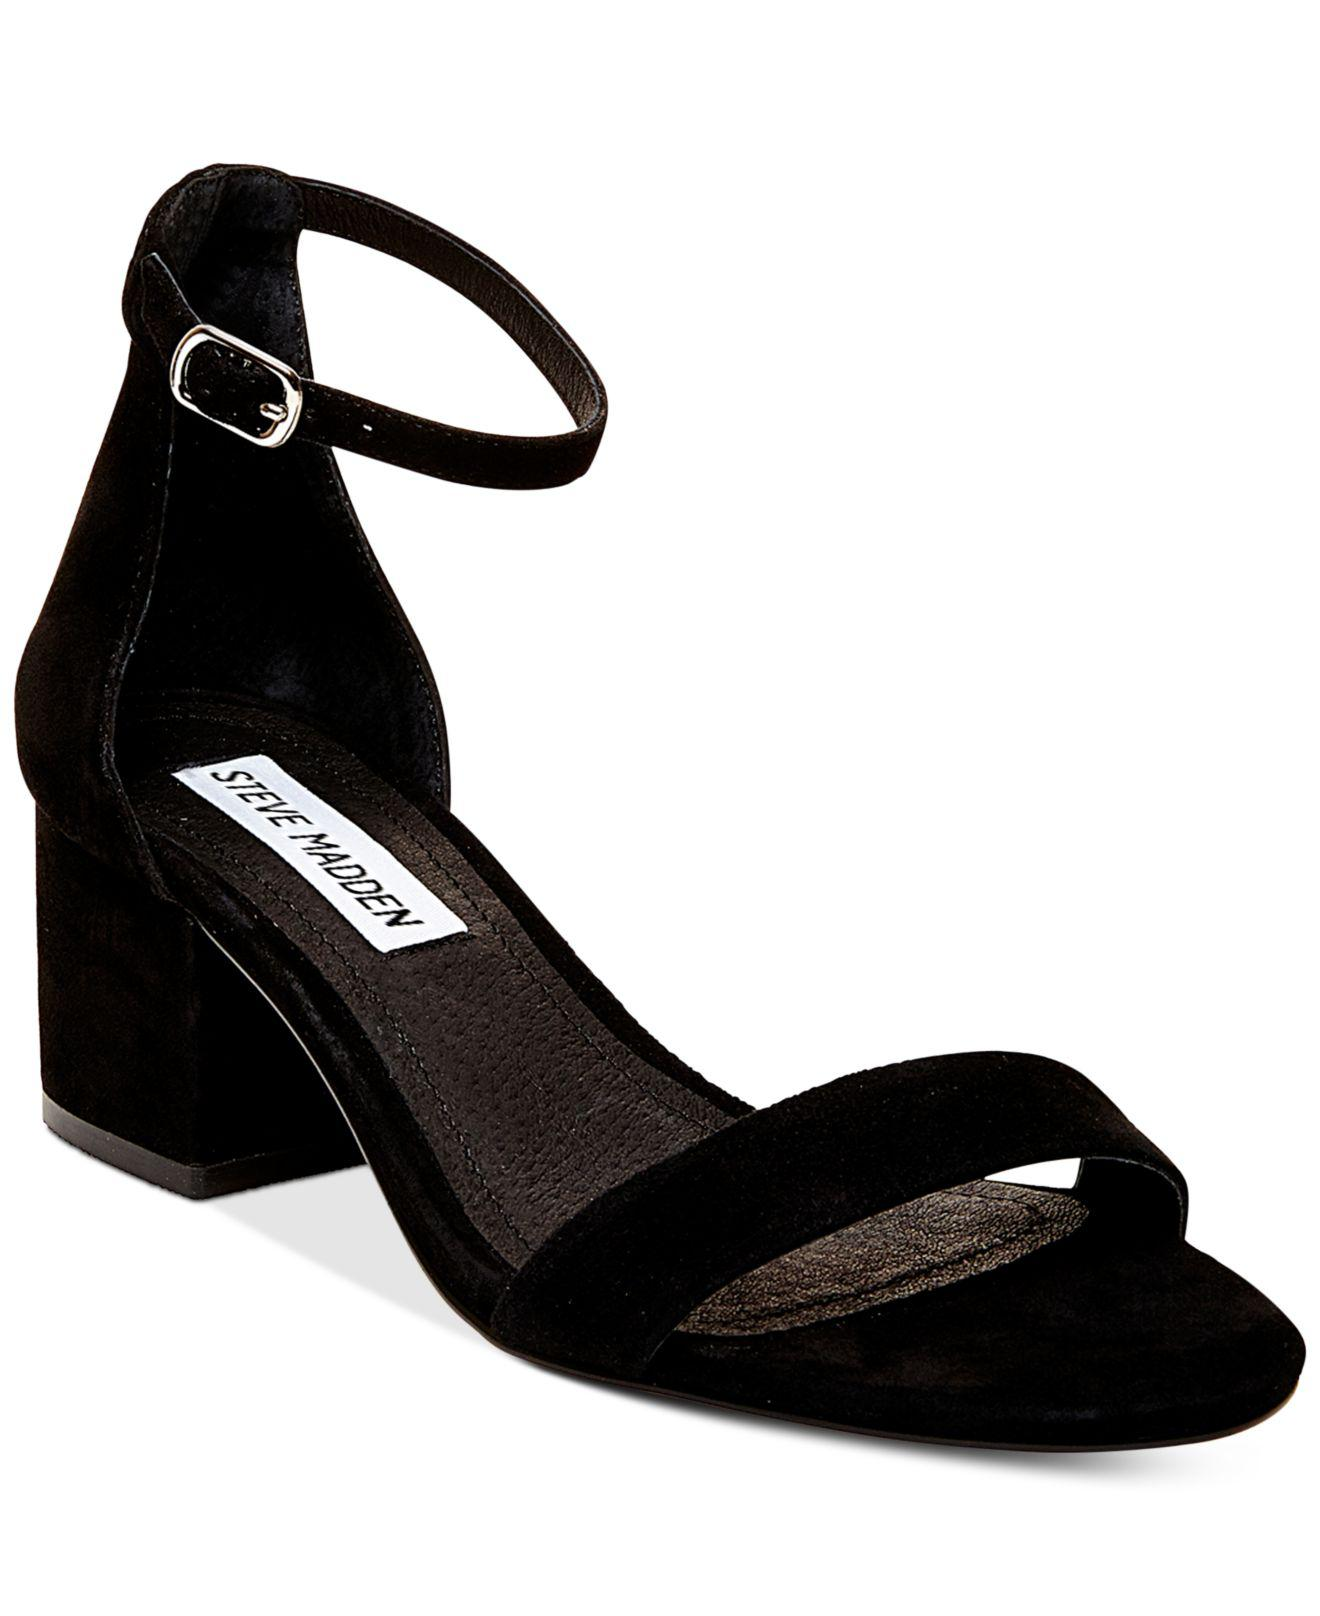 4c8163715aa7 ... Black Irenee Two-piece Block-heel Sandals - Lyst. View fullscreen